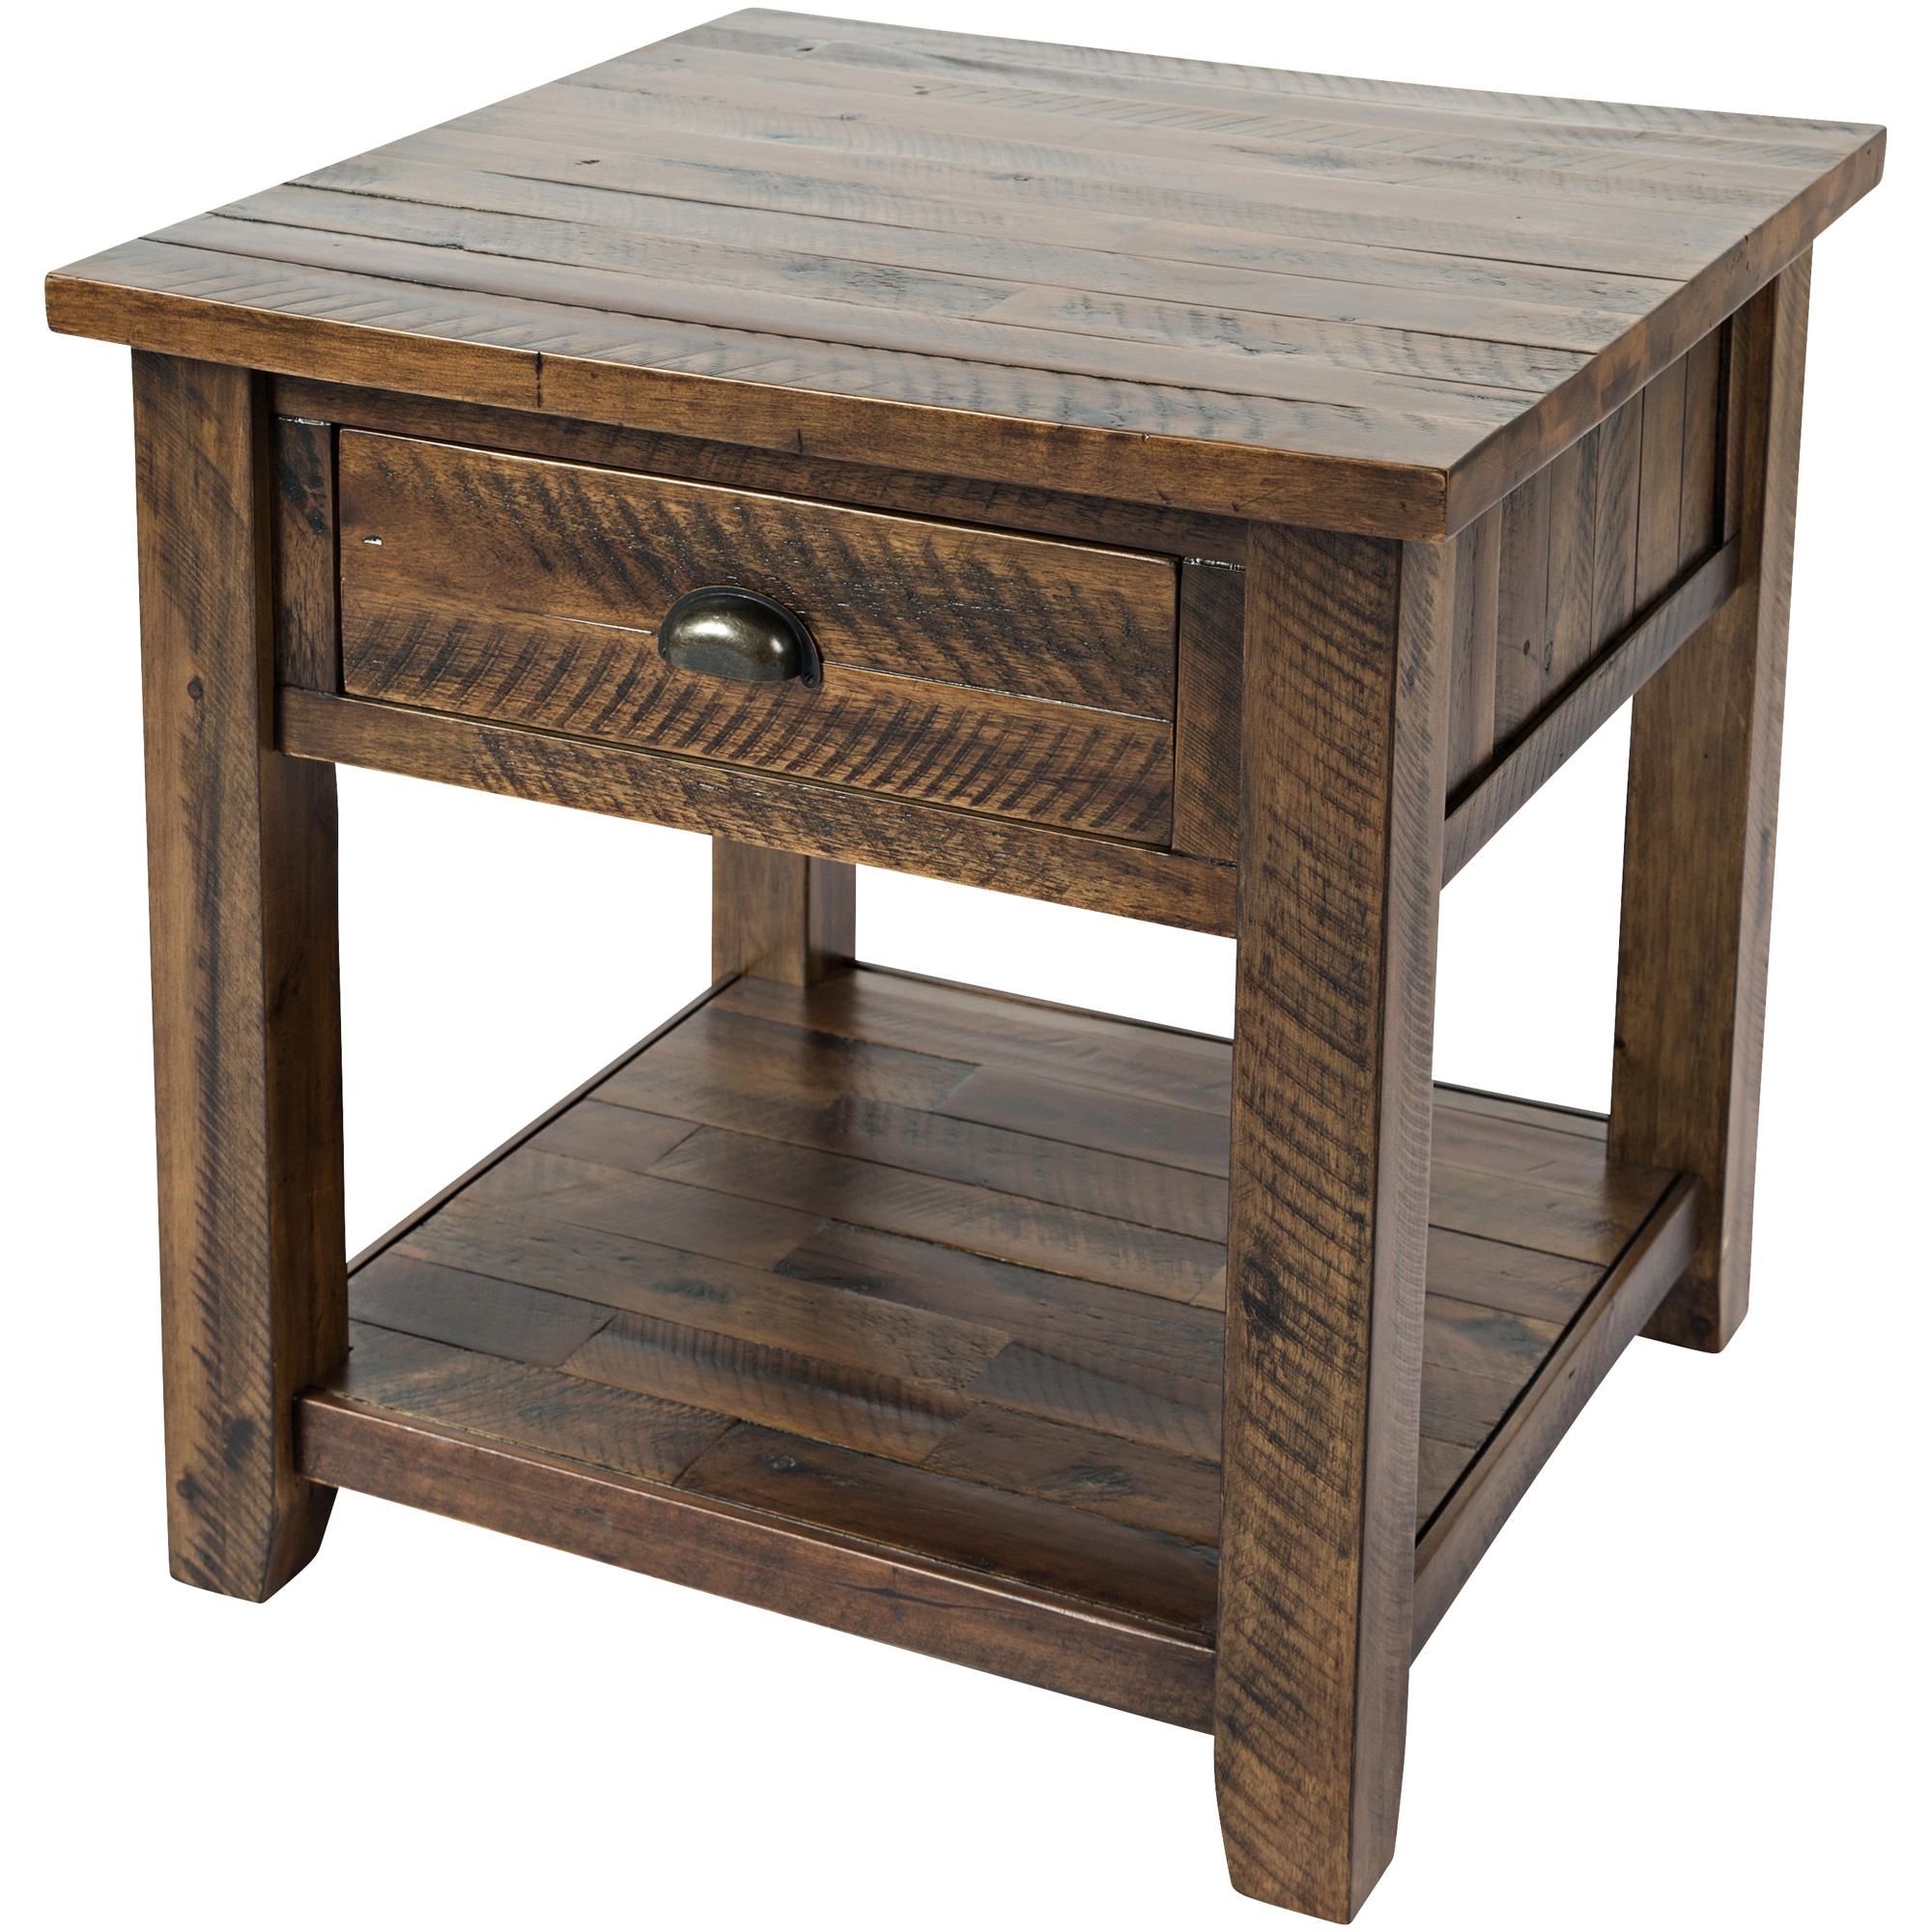 Jofran | Artisans Craft Brown End Table